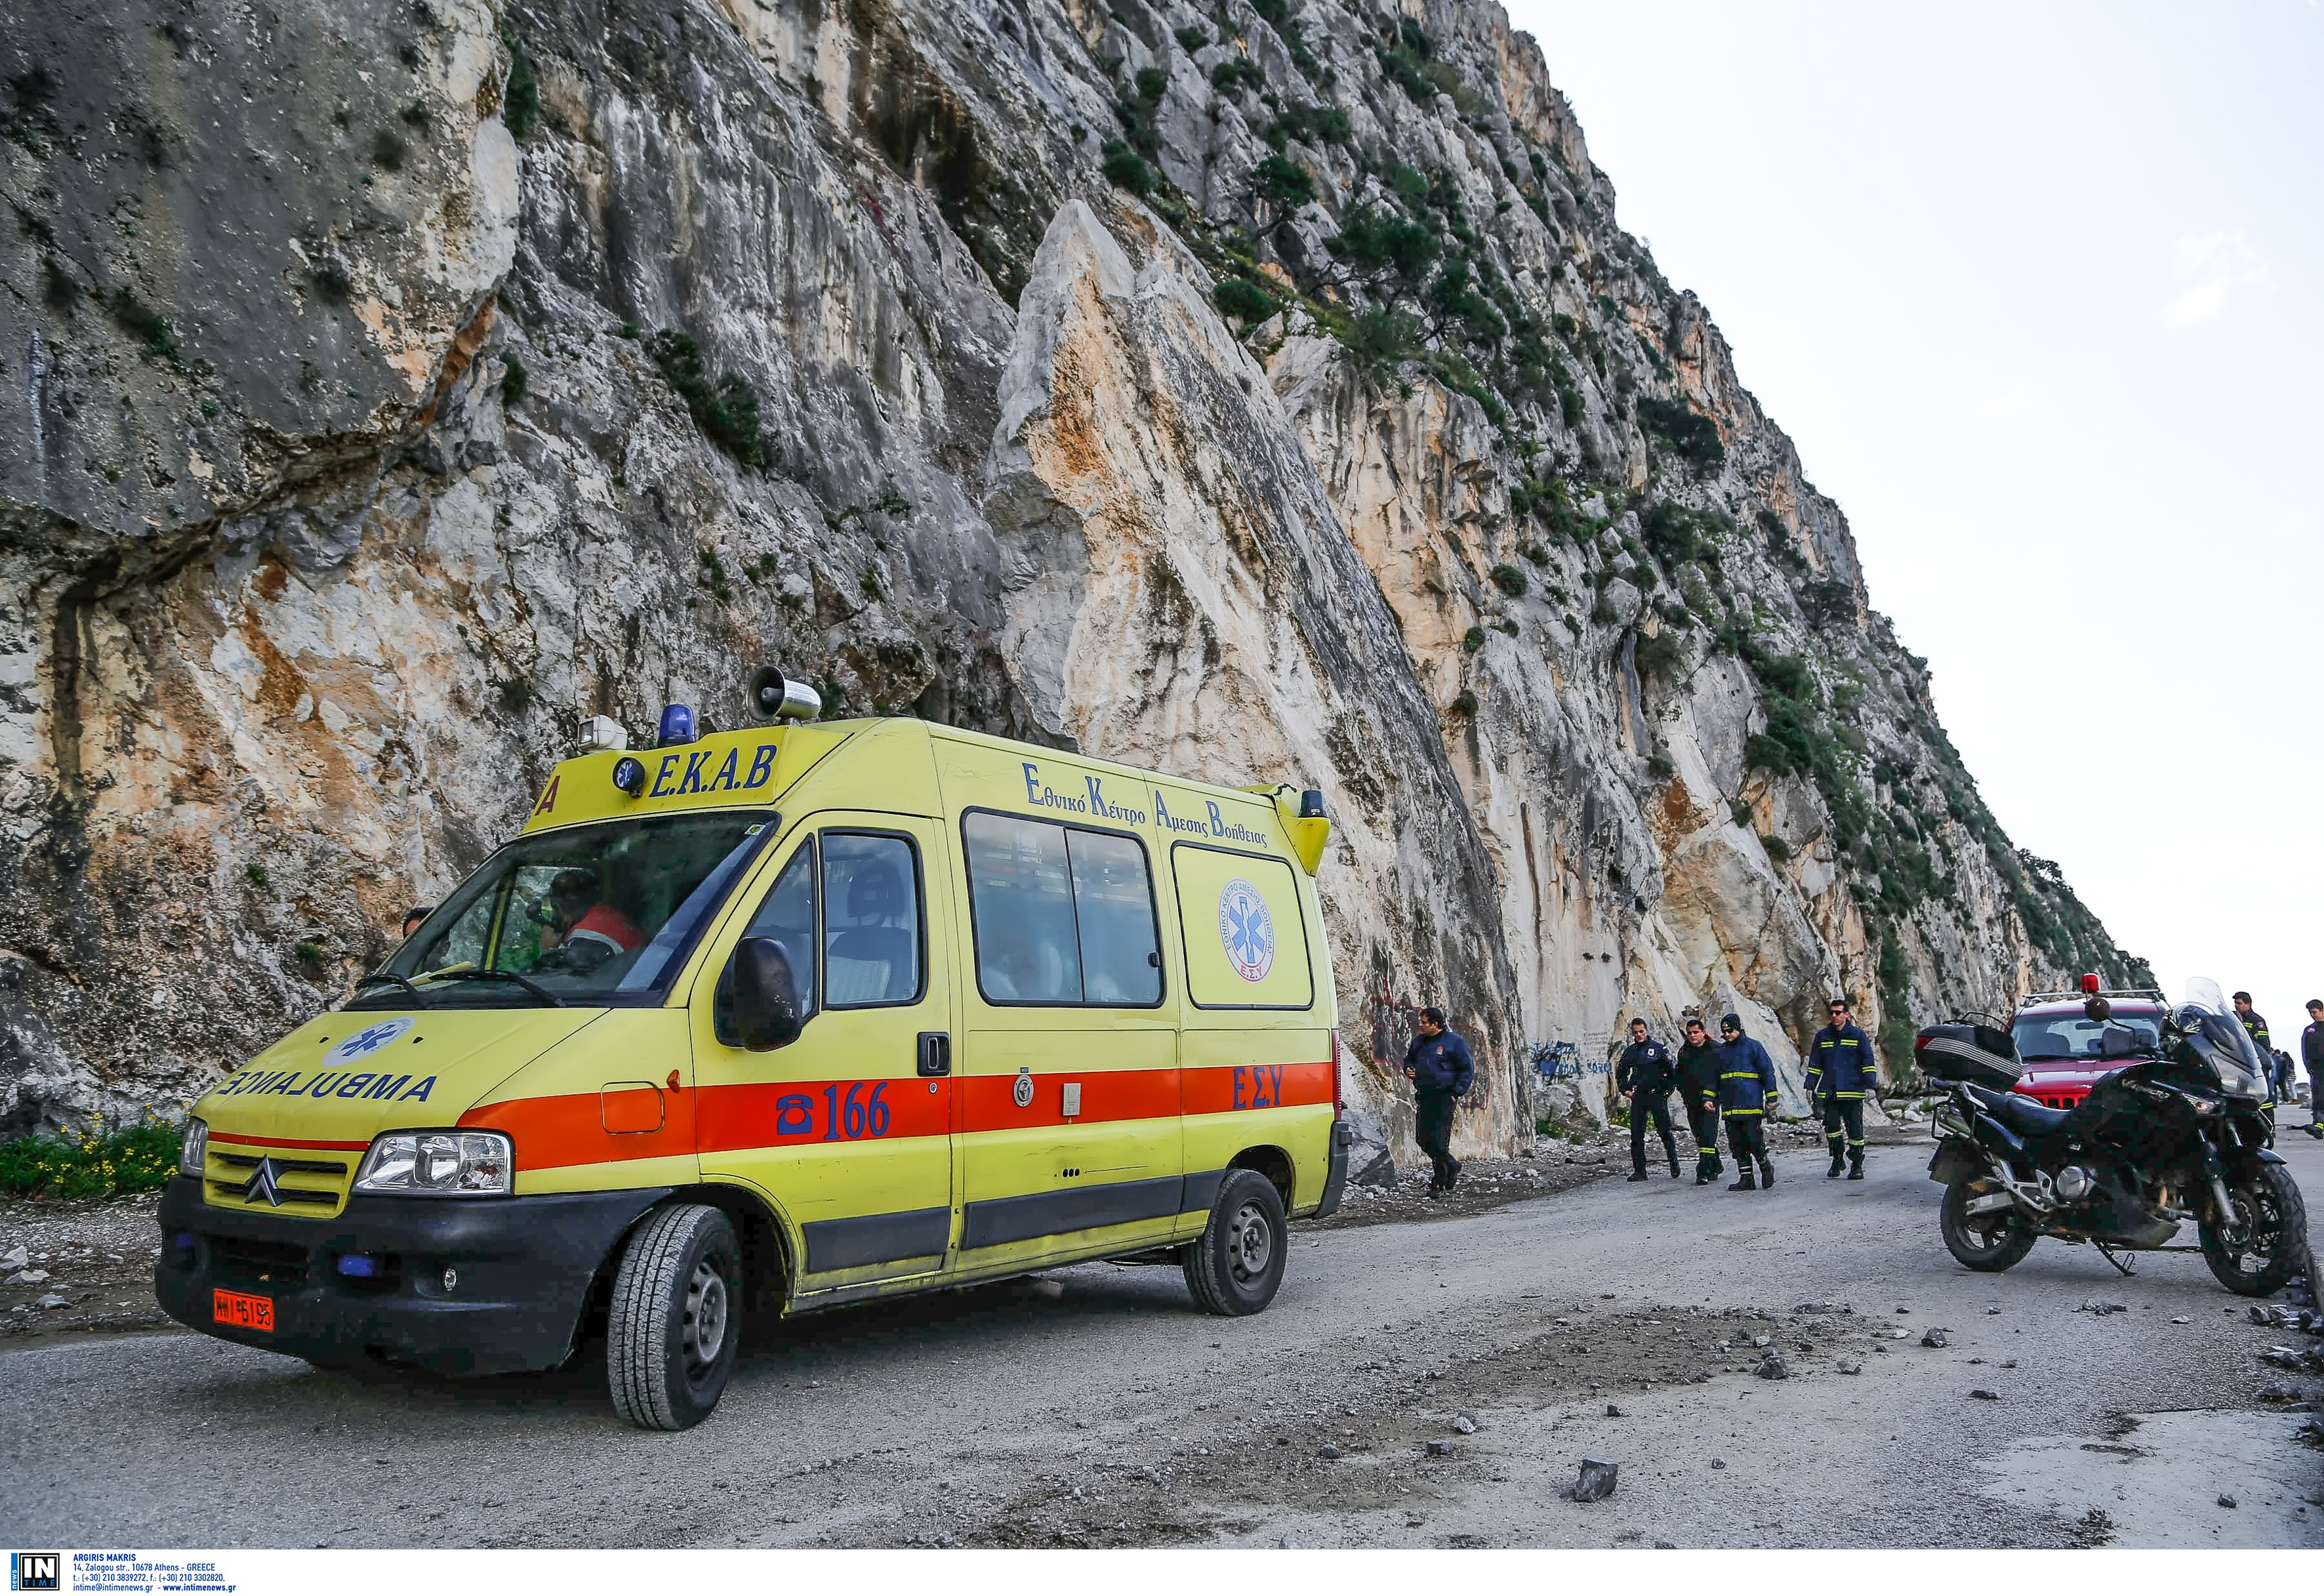 Ηράκλειο: Τους έσωσε από το κρύο η φωτιά και η πυροσβεστική